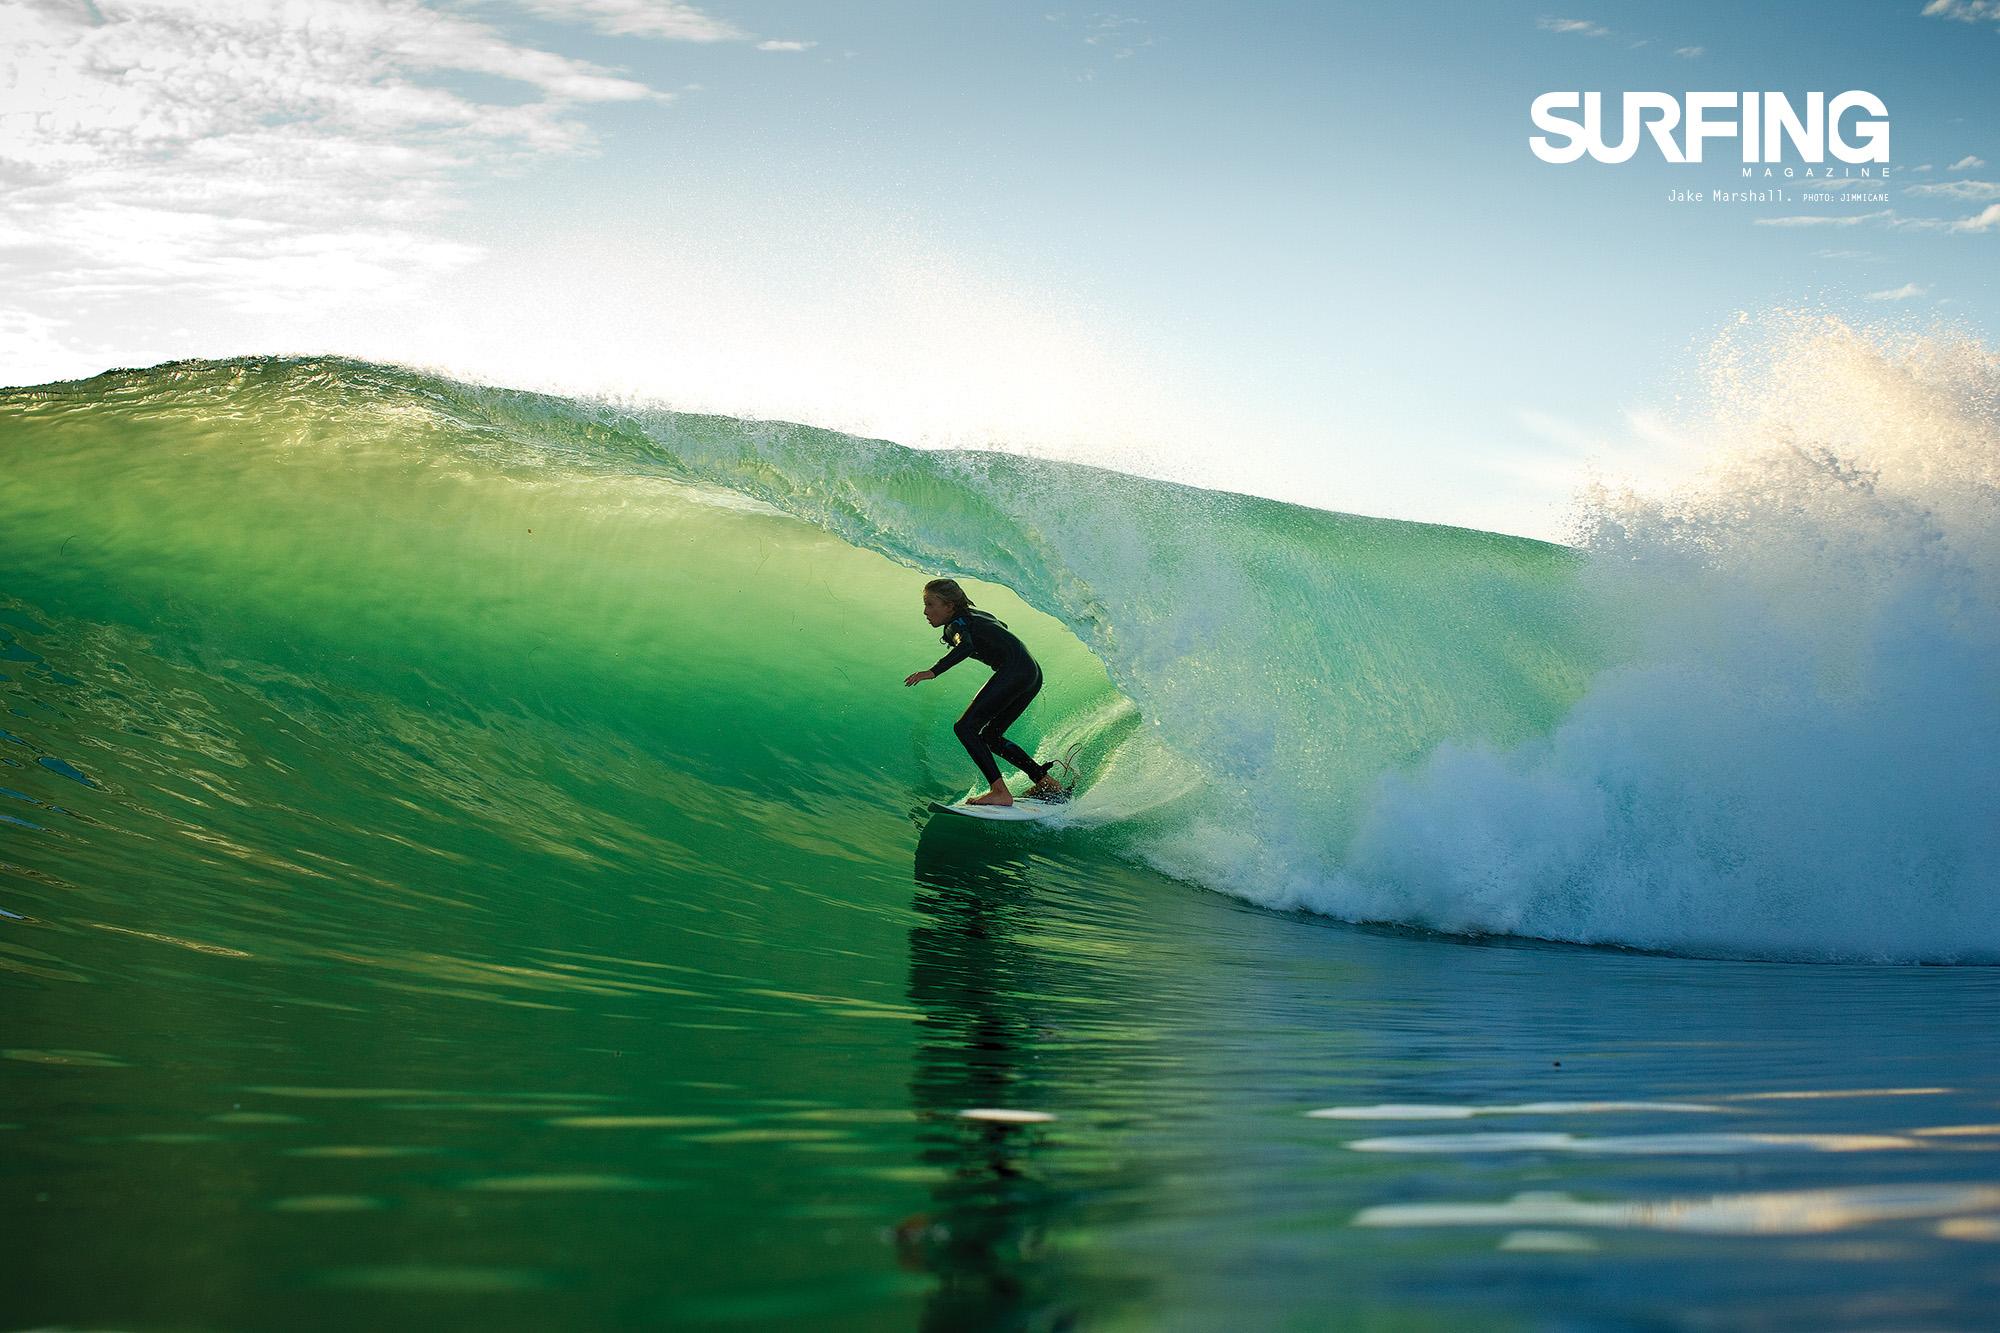 Rip Curl Girl Wallpaper Surf Beach Hd Backgrounds Pixelstalk Net